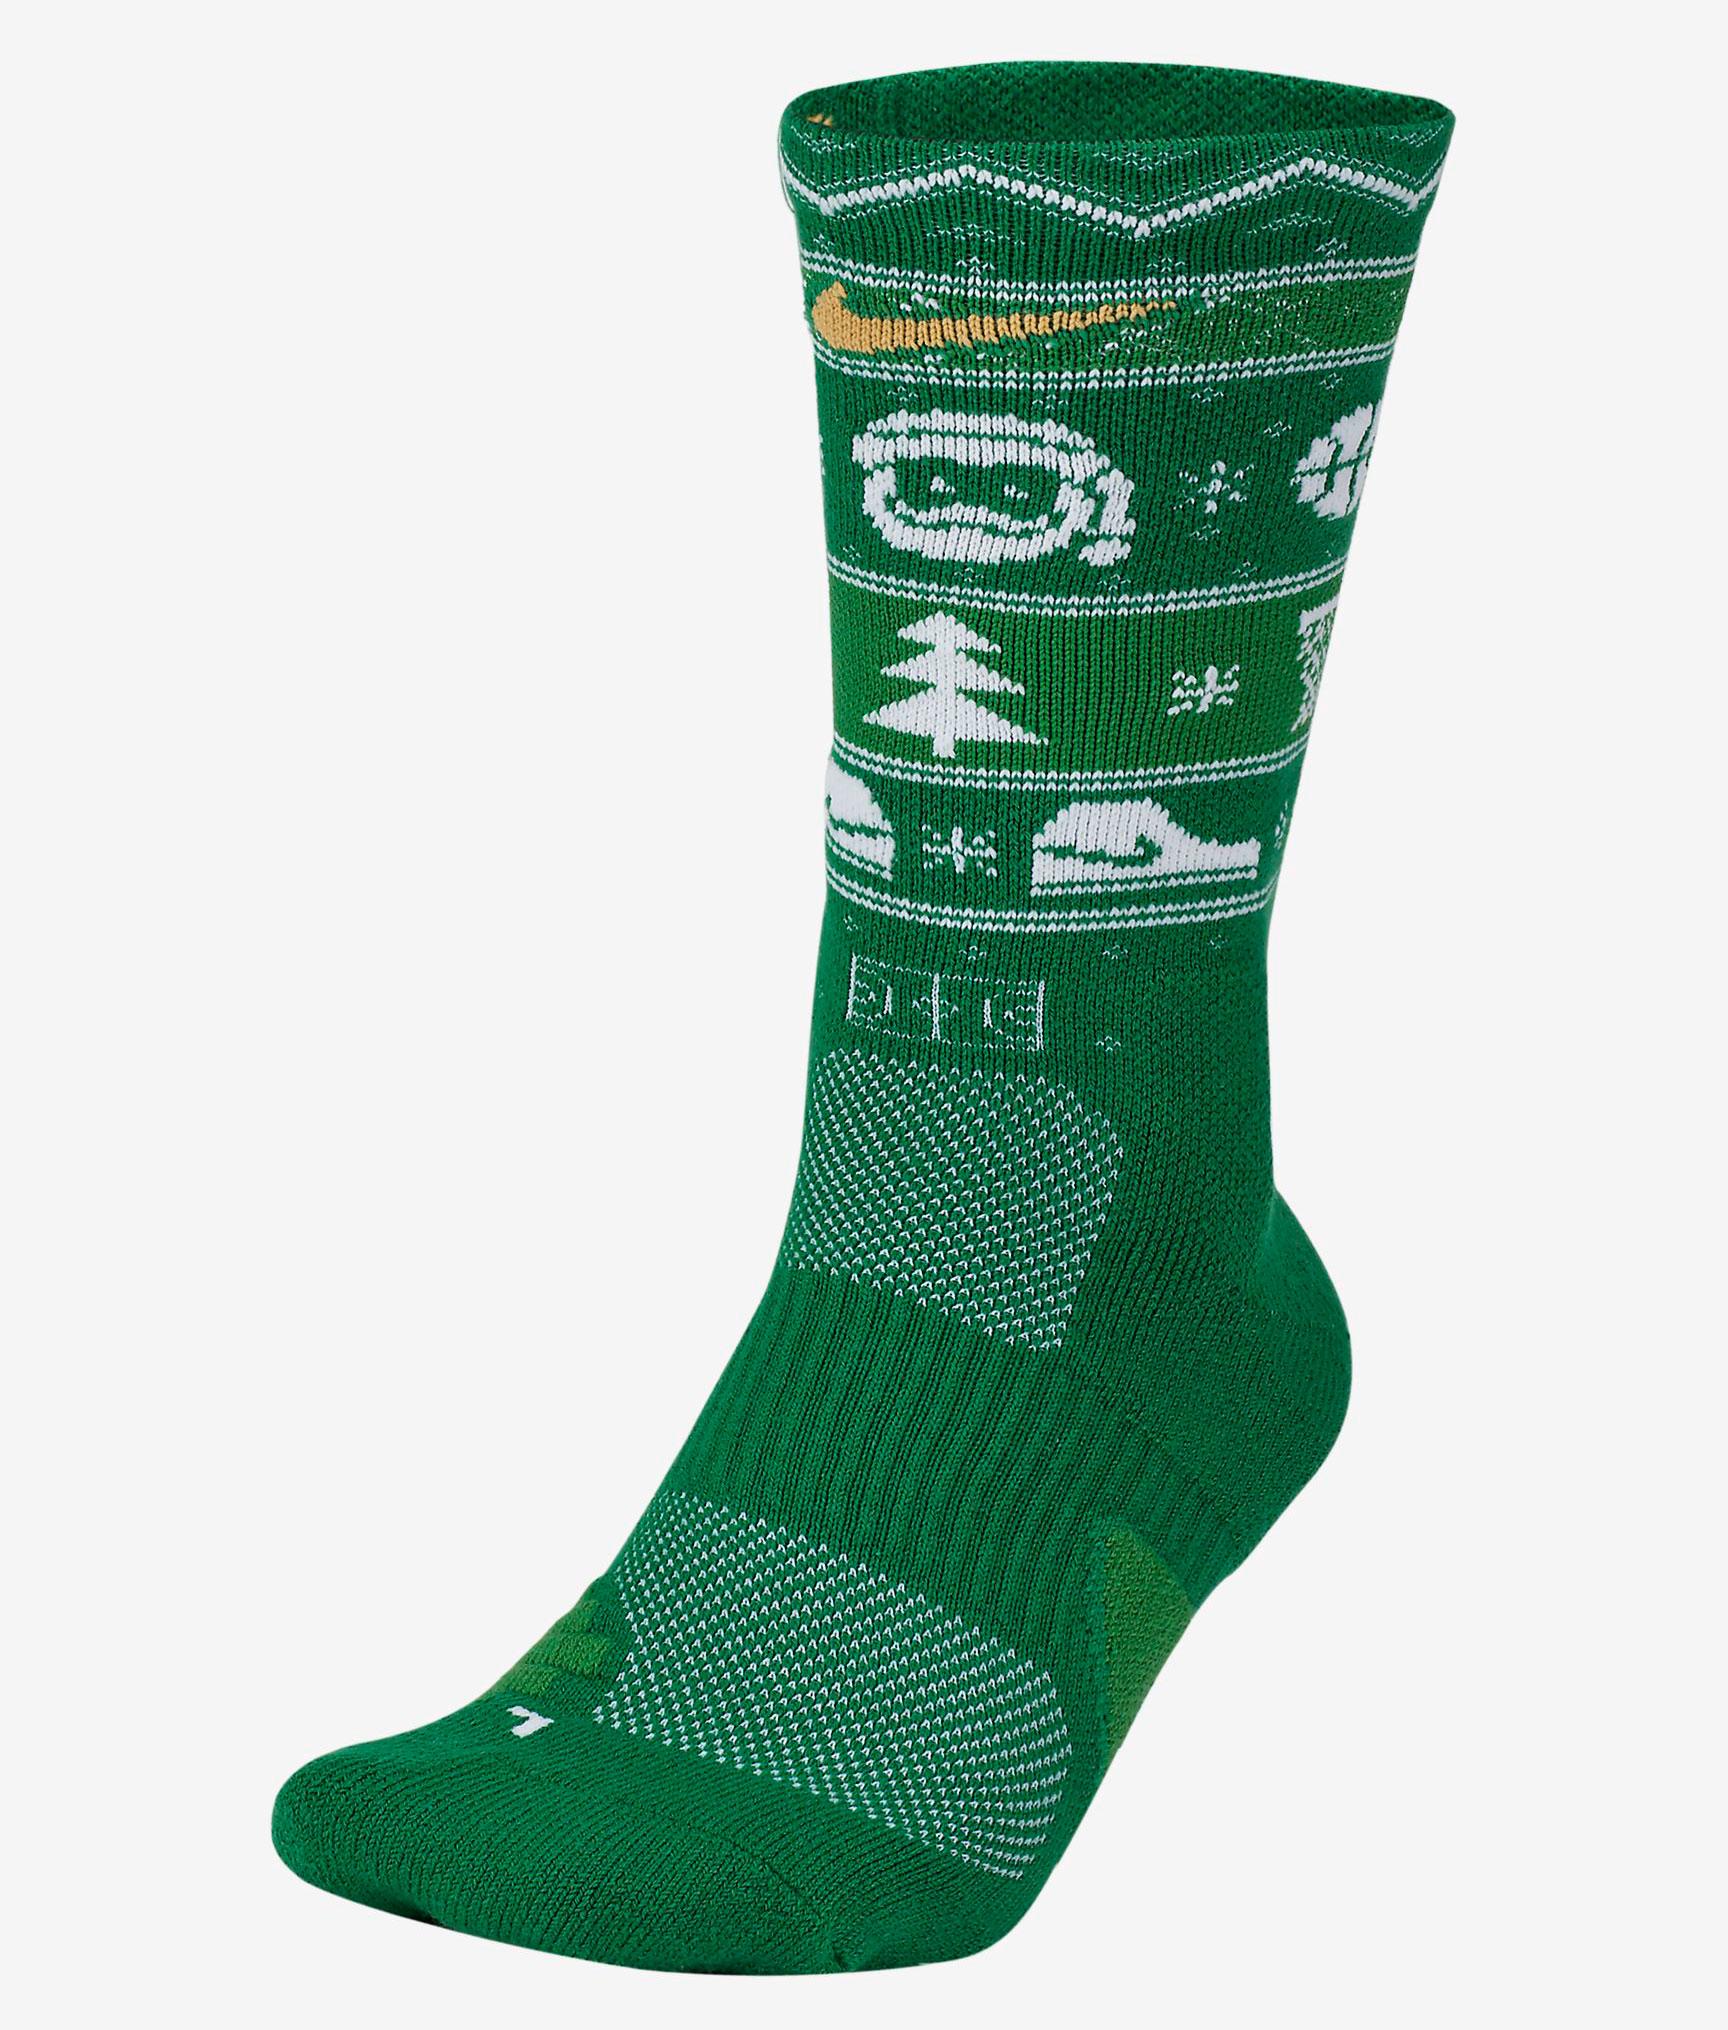 nike-christmas-socks-green